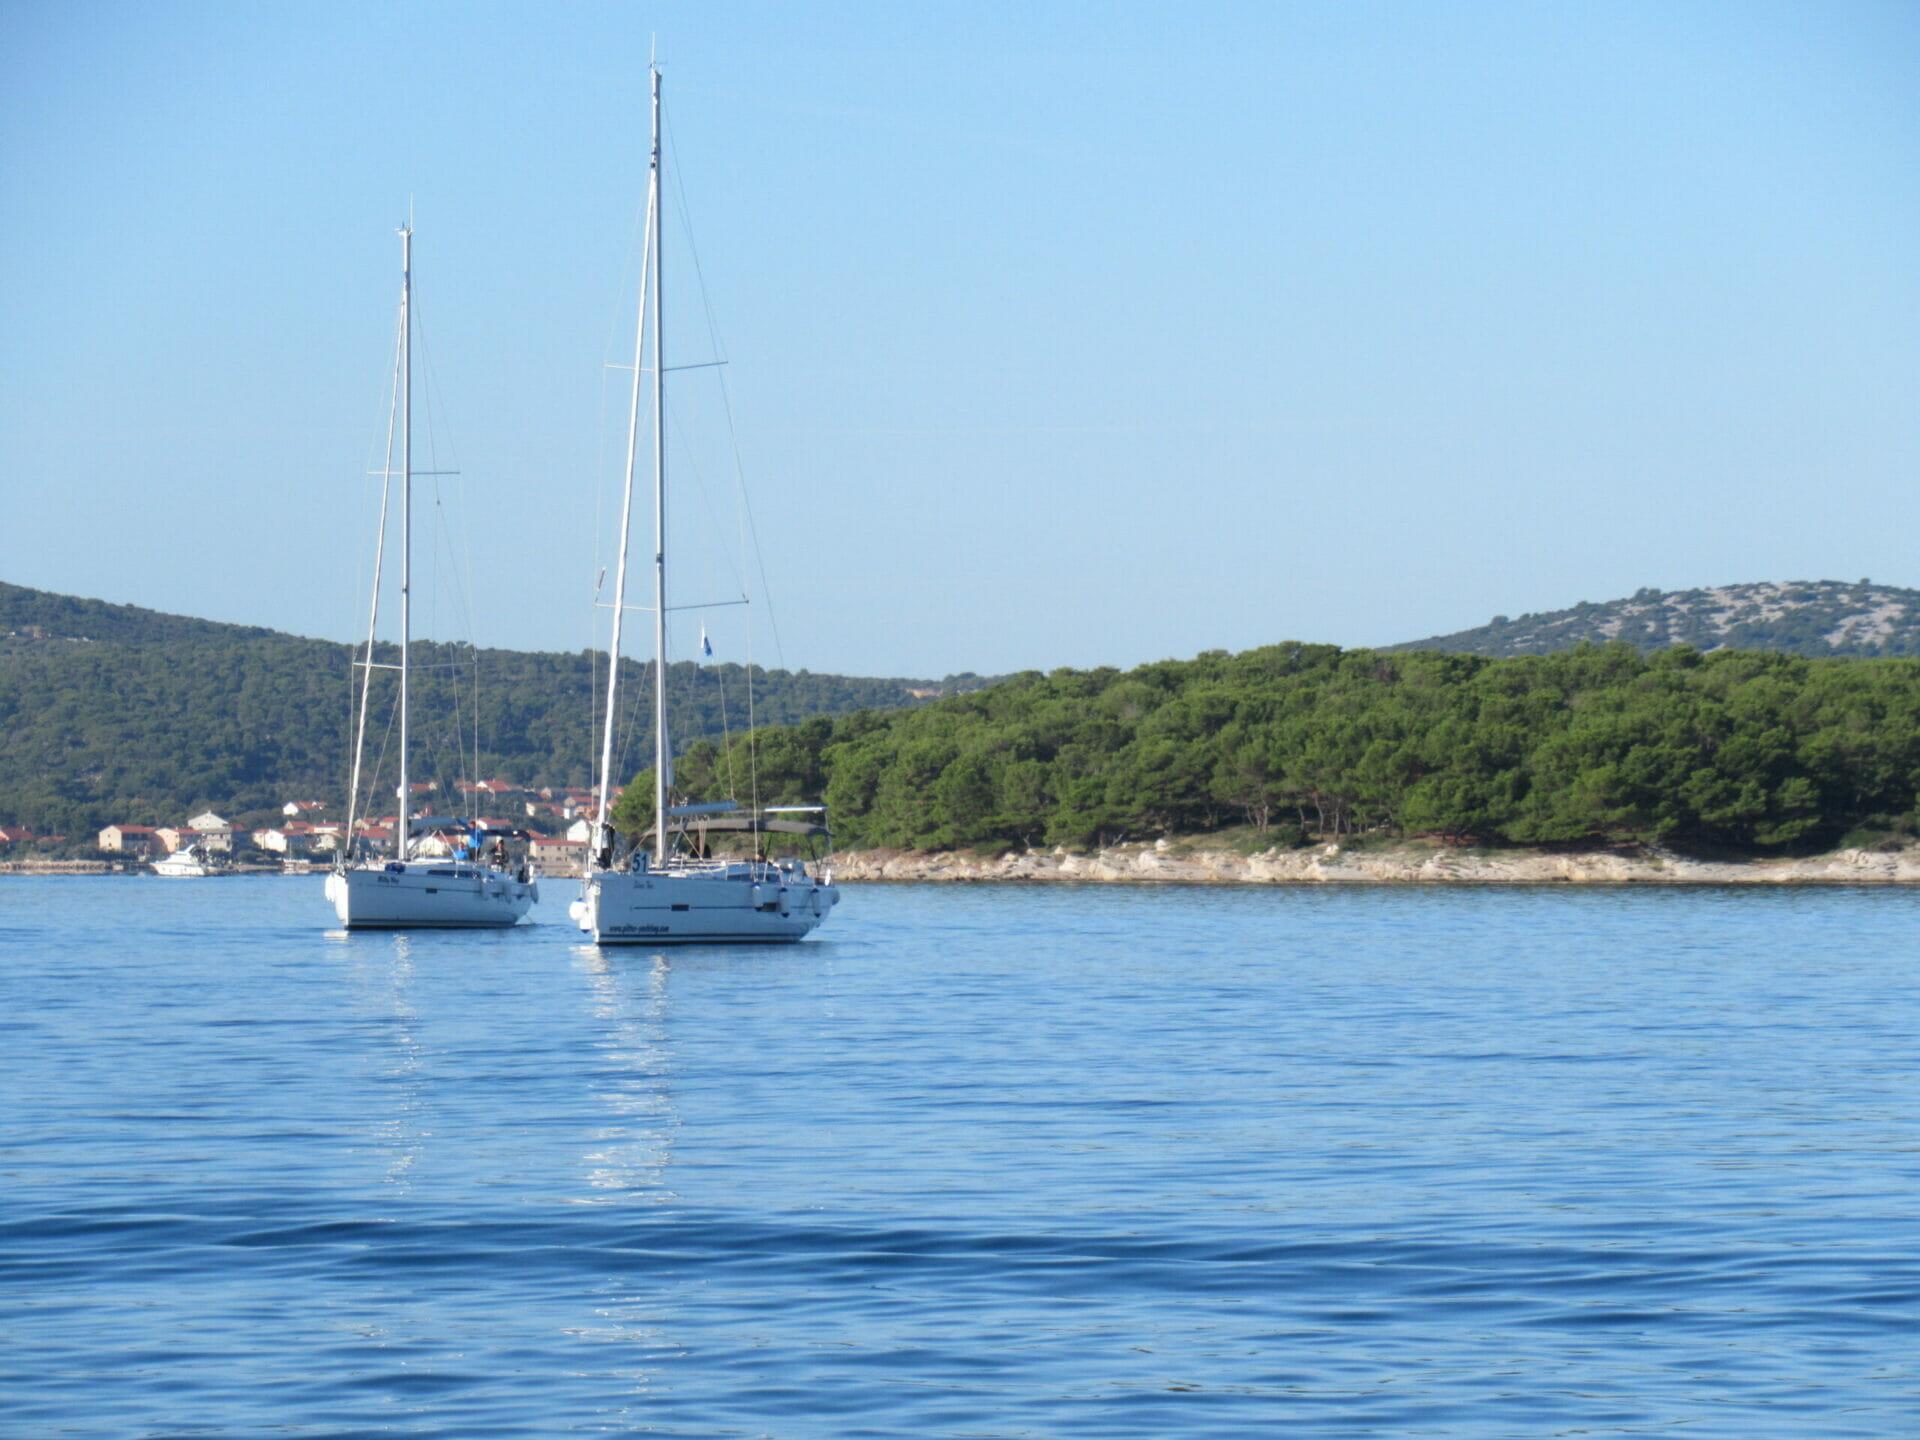 Biograd - sailing yachts